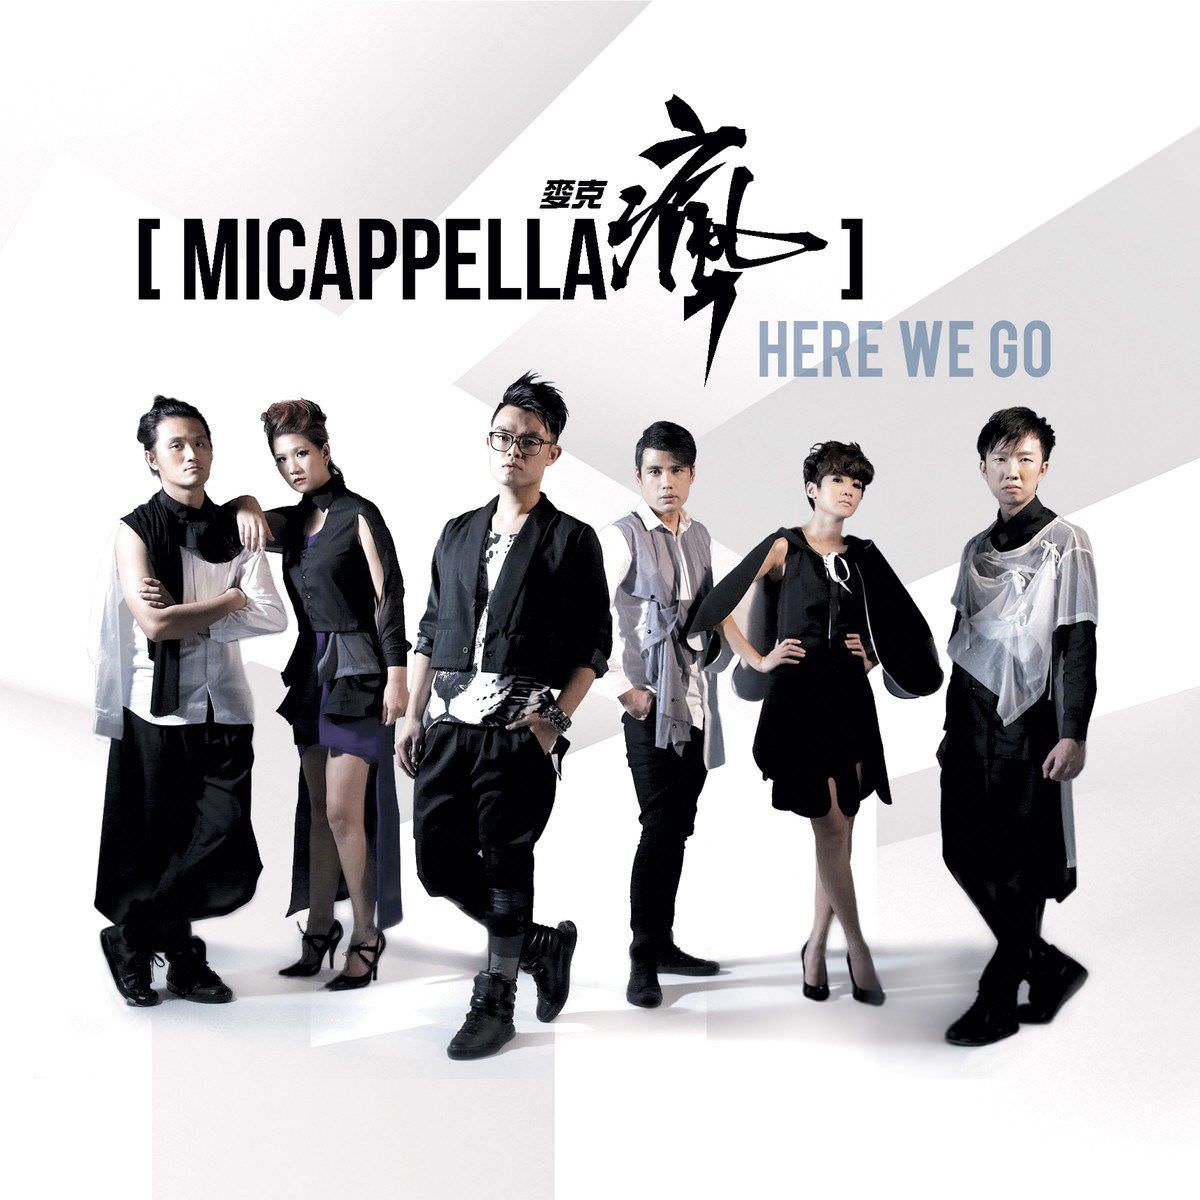 iTunes 音樂推薦:MICappella 阿卡貝拉人聲樂團《Here We Go》